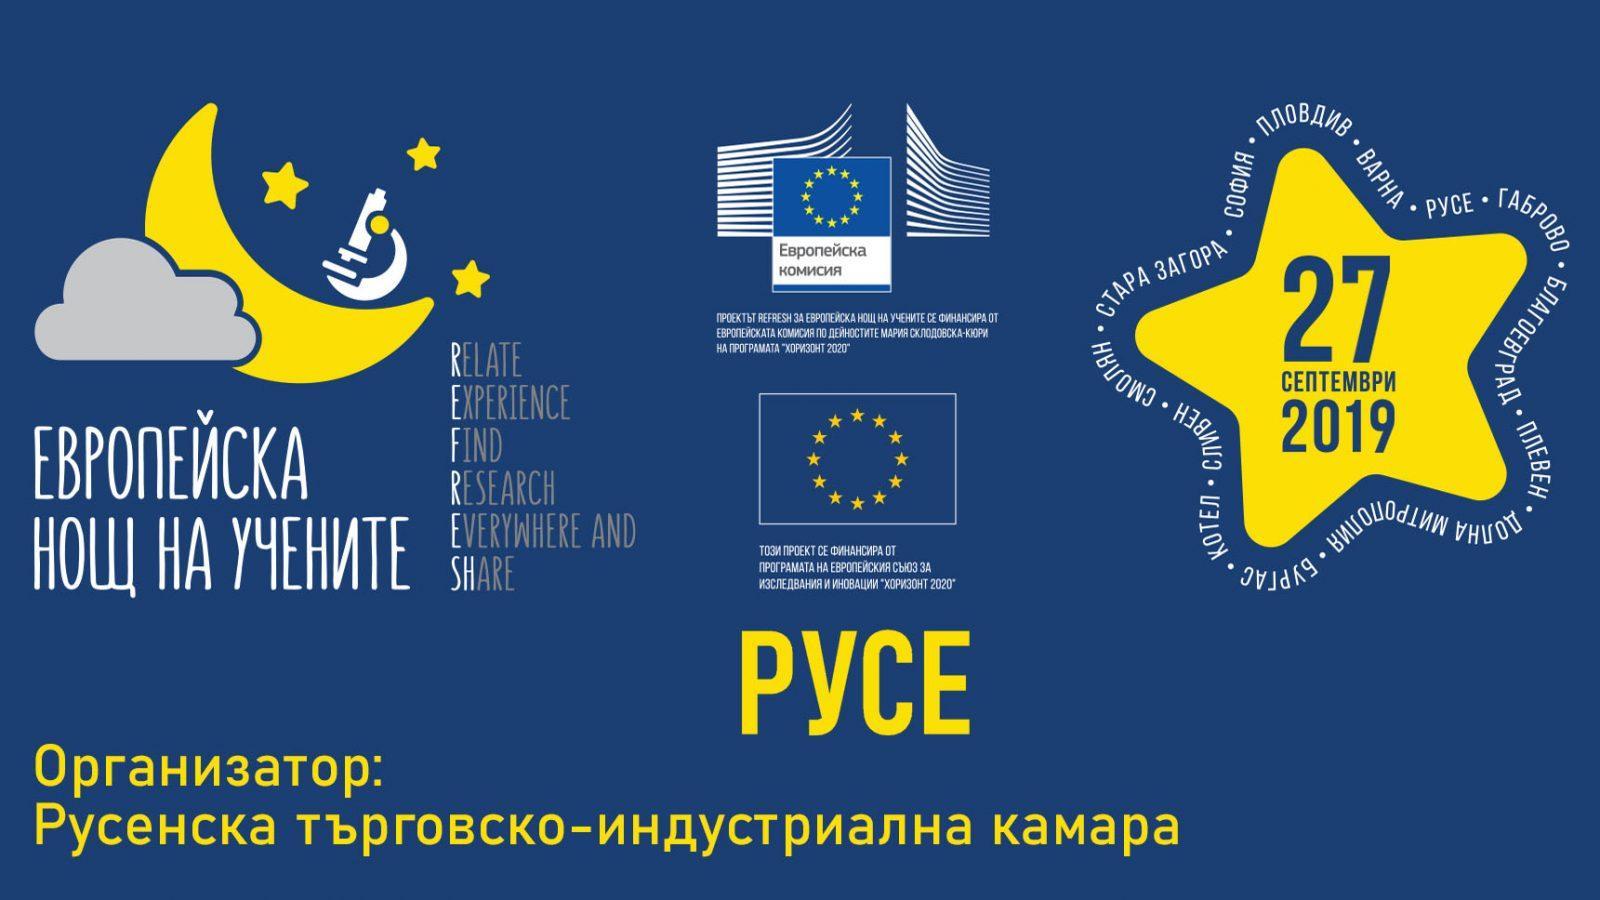 """Русенска търговско-индустриална камара кани русенци да се включат в """"Европейската нощ на учените"""""""